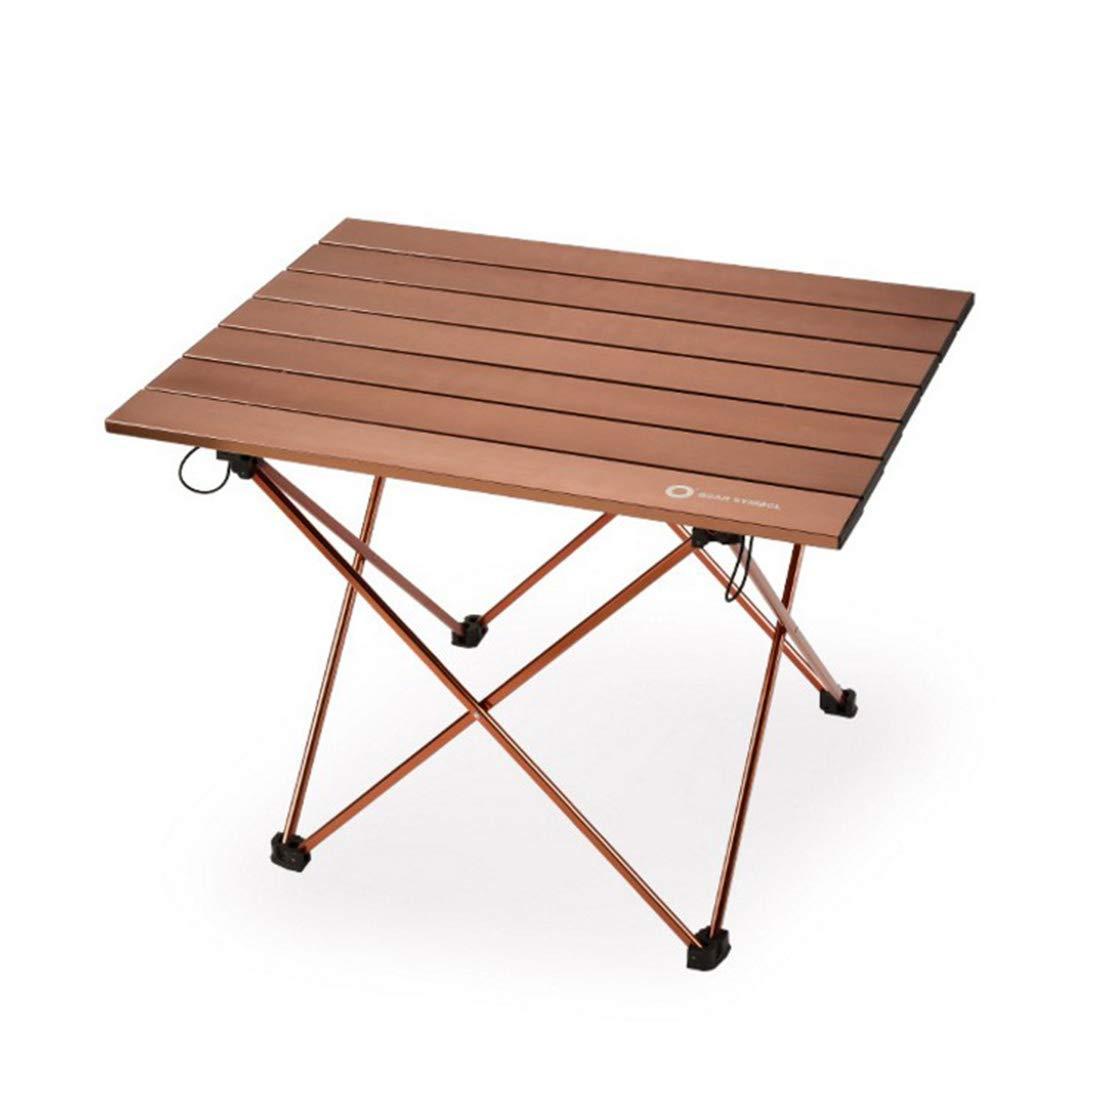 FUBULECY Geeignet für Outdoor-Camping mit praktischer Aluminiumlegierung Picknicktisch.